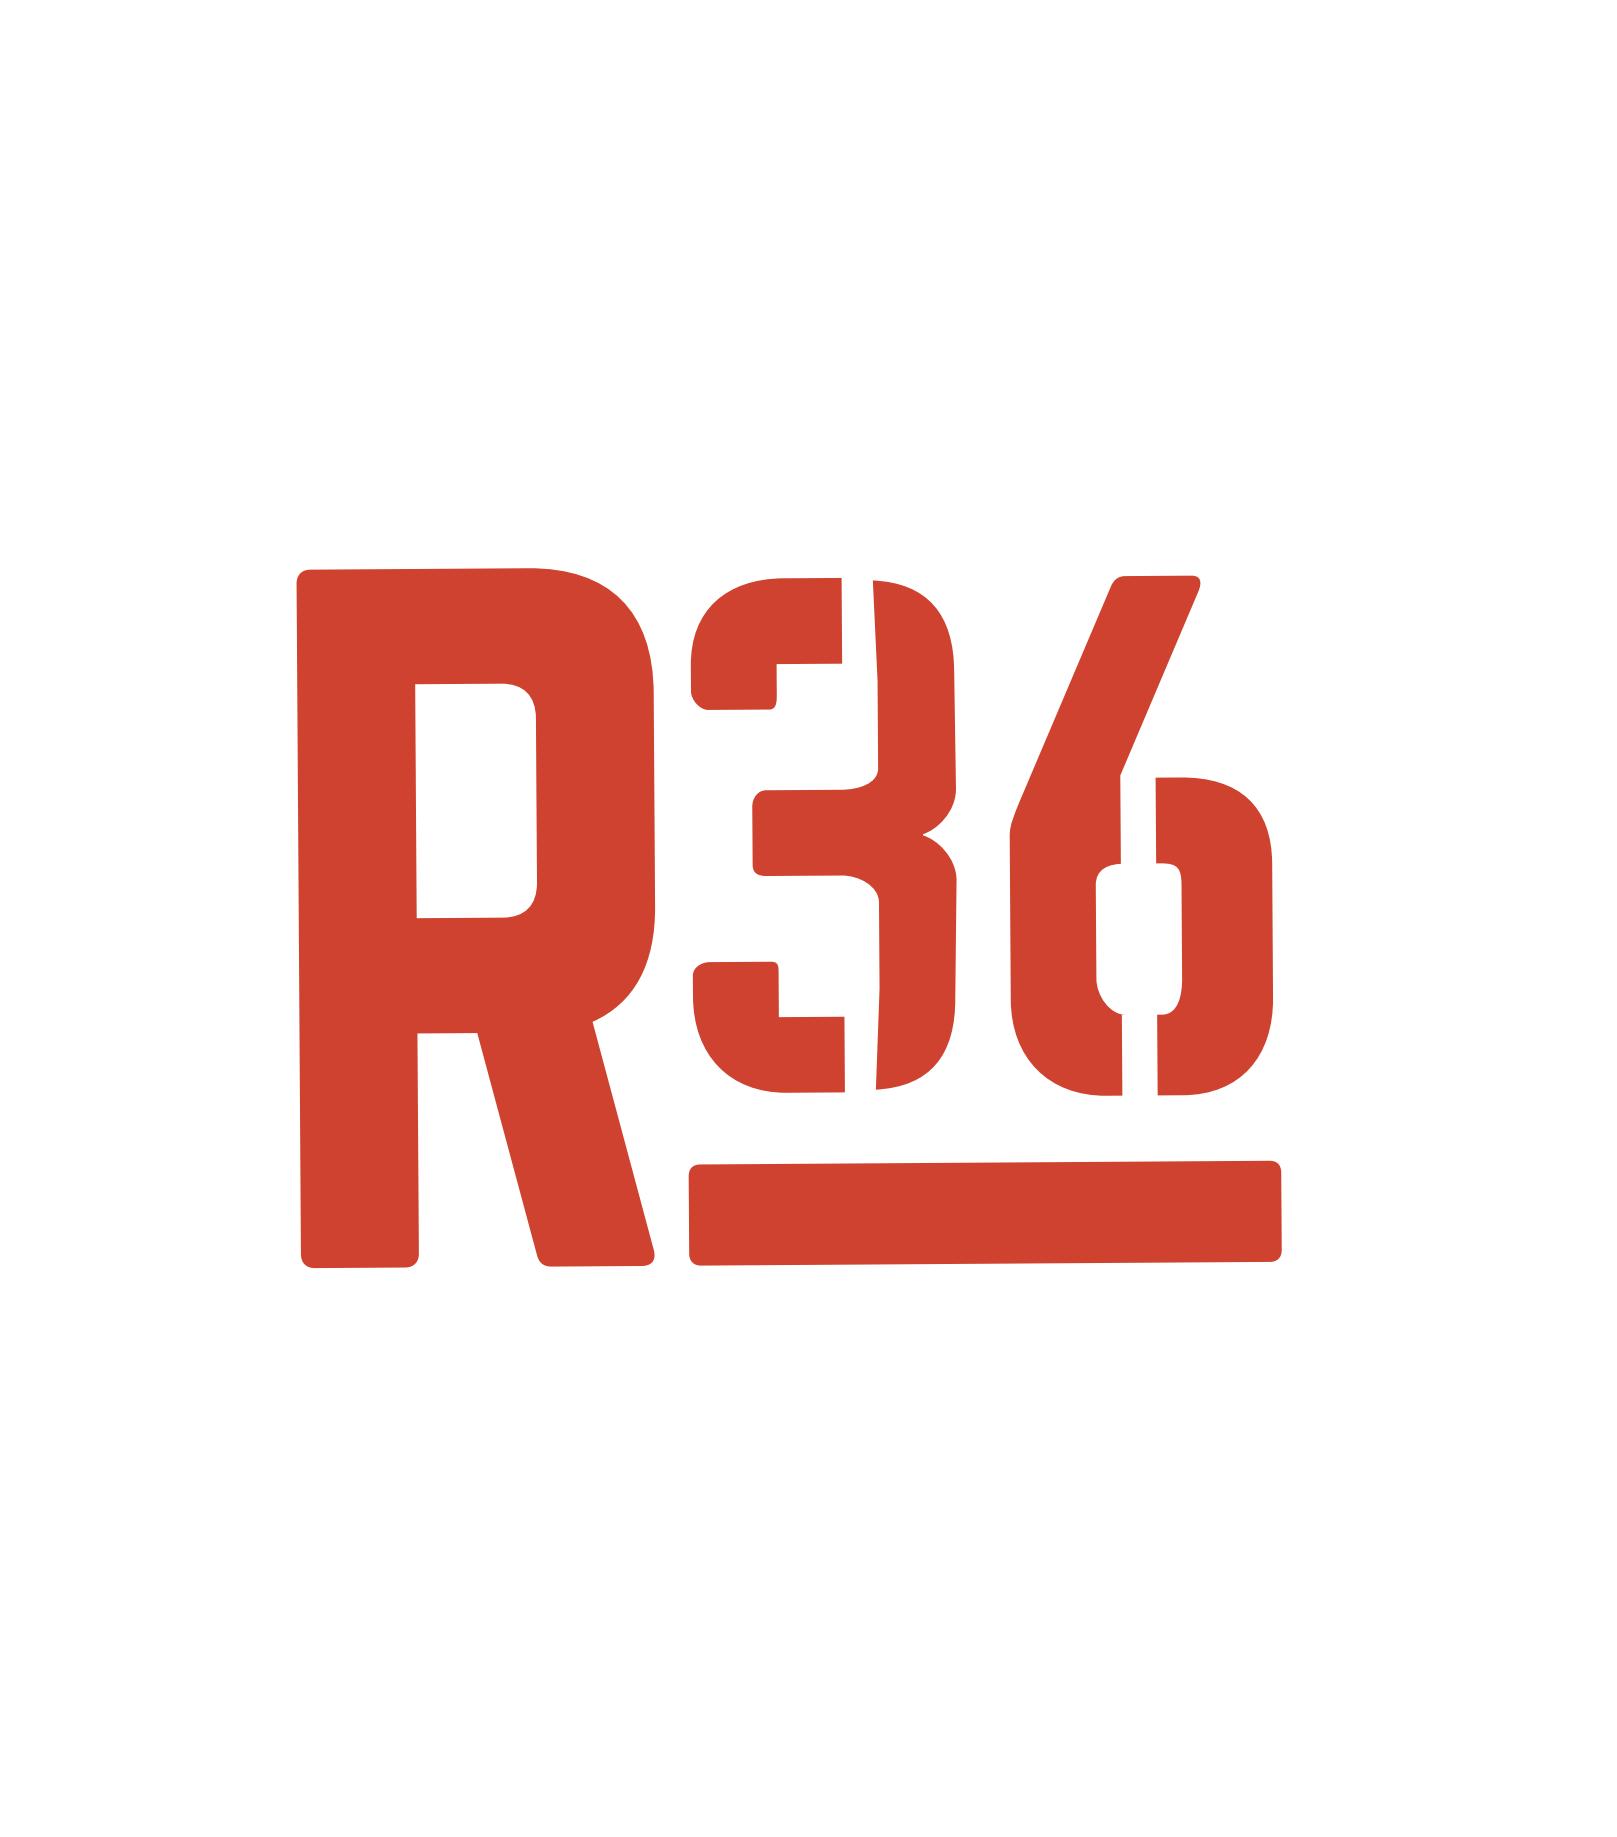 RED36 RESTAURANT - MYSTIC, CONNECTICUT